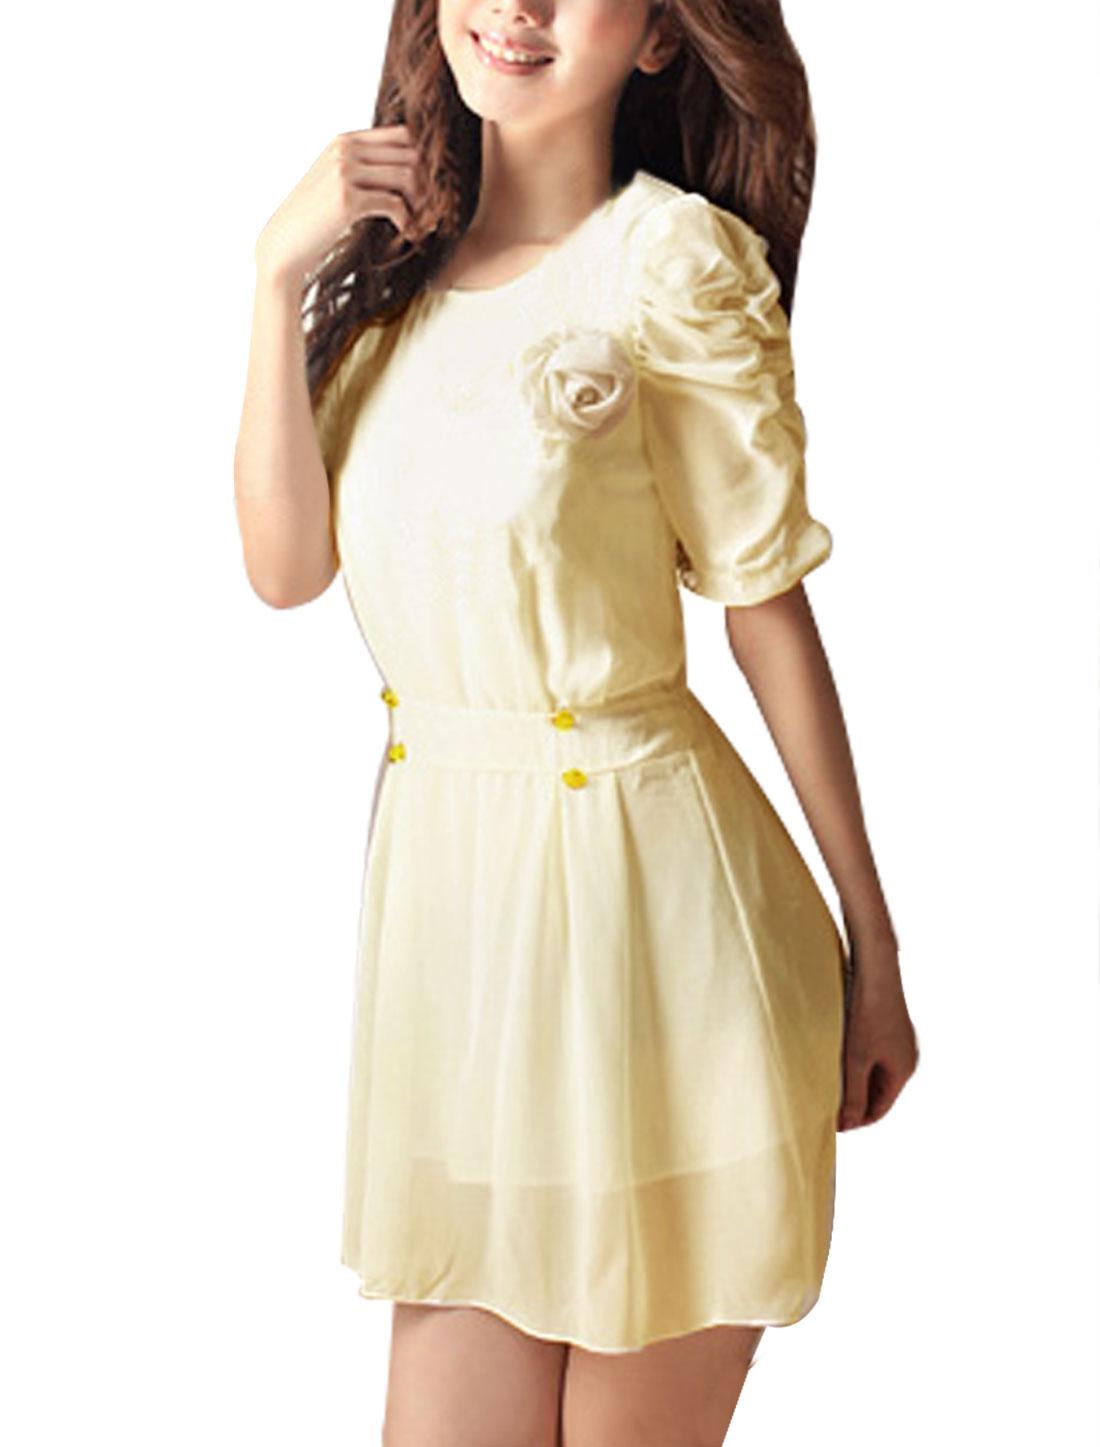 Scoop Neck Short Sleeve Beige Chiffon Mini Dress XS w Brooch for Women